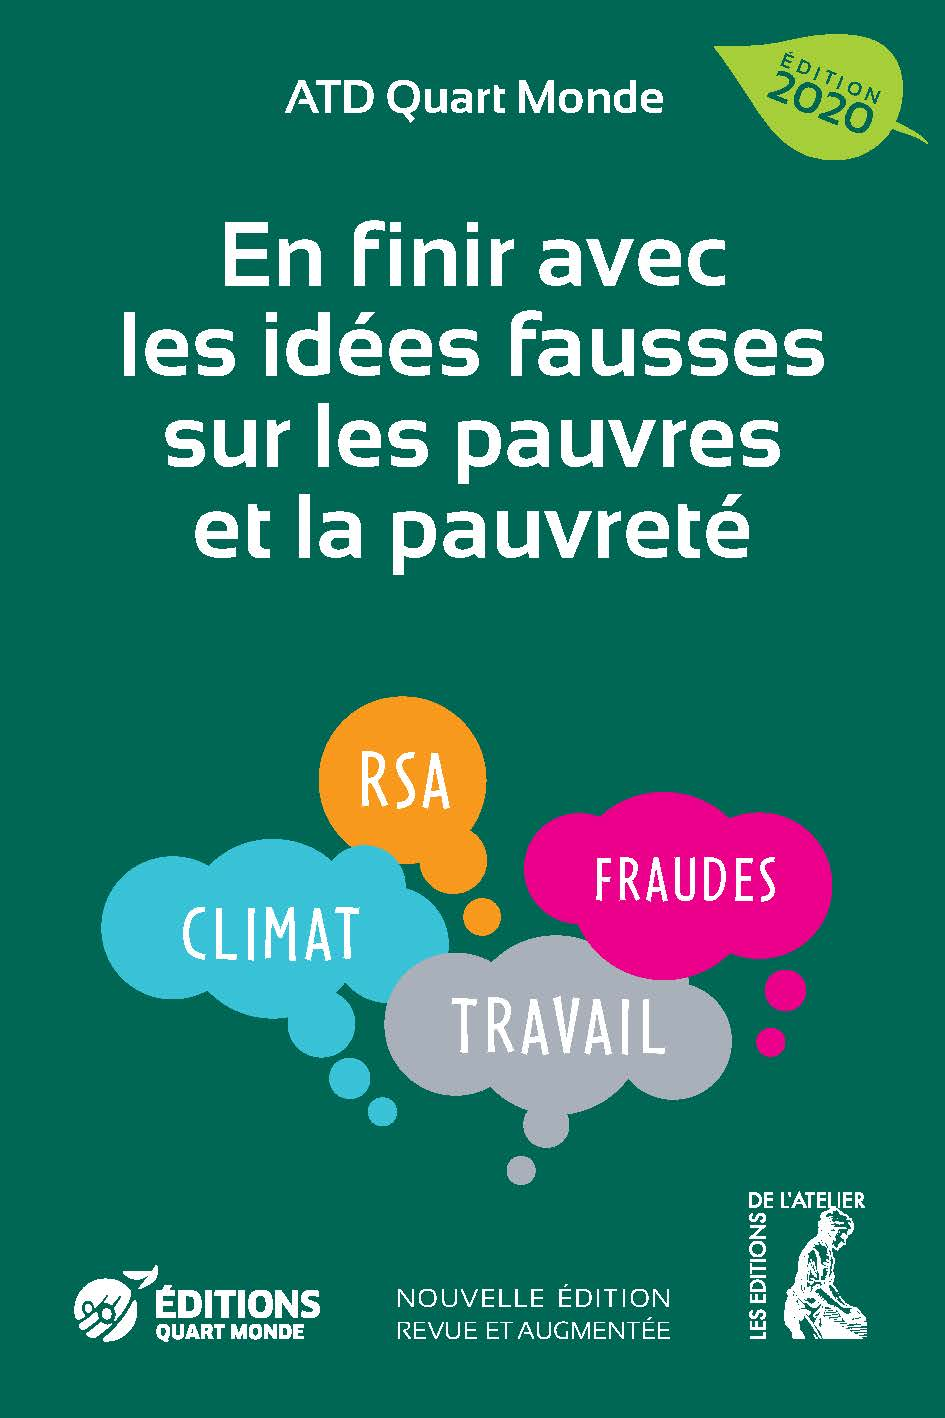 https://editionsatelier.com/boutique/ecologie-et-economie/64-en-finir-avec-les-idees-fausses-sur-les-pauvres-et-la-pauvrete--9782708246270.html